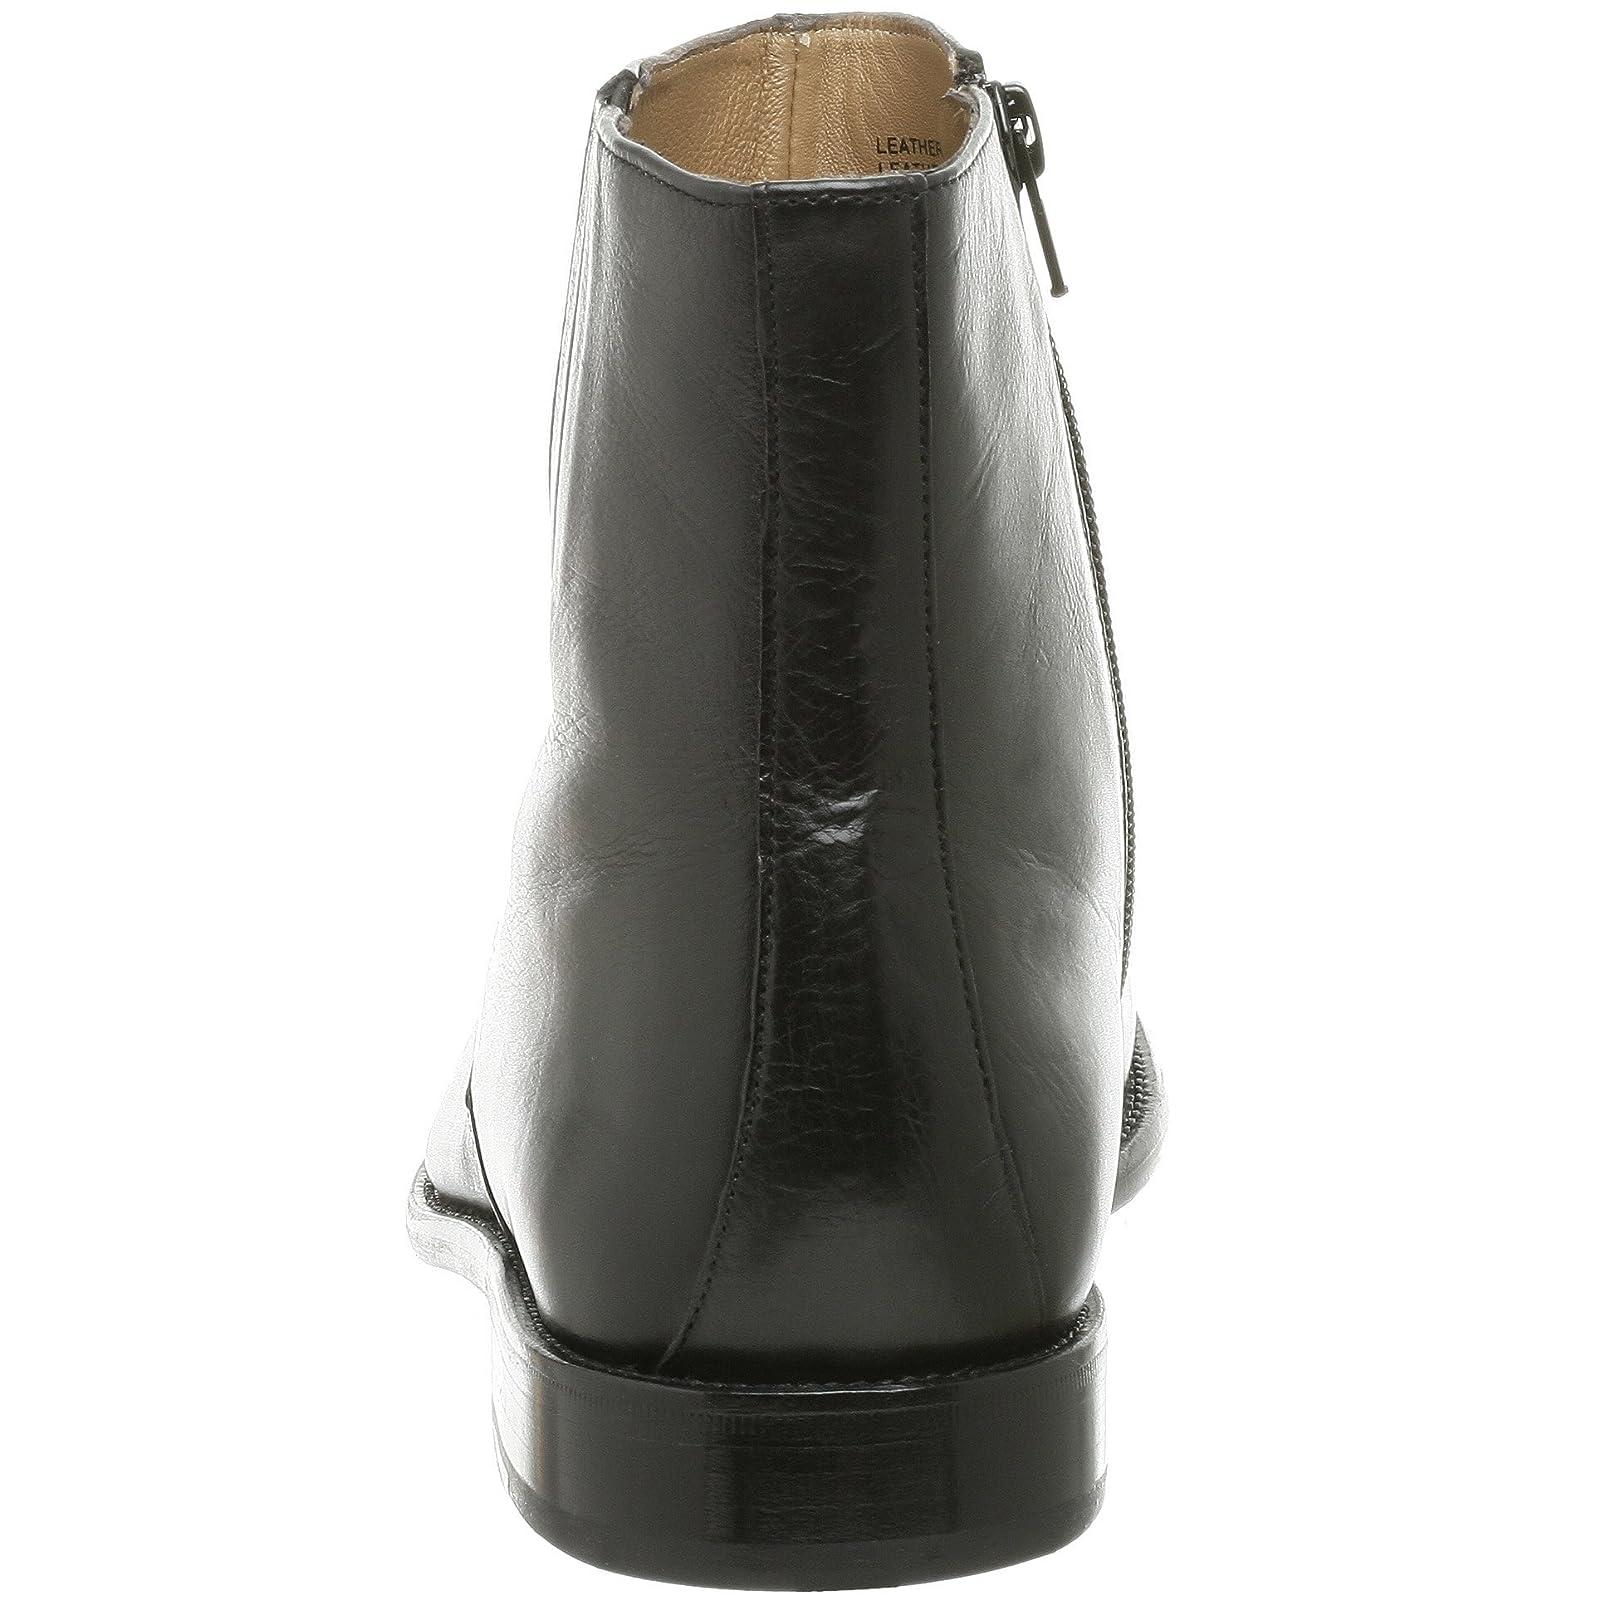 Florsheim Men's Hugo Boot 18570 Black Milled Leather - 2